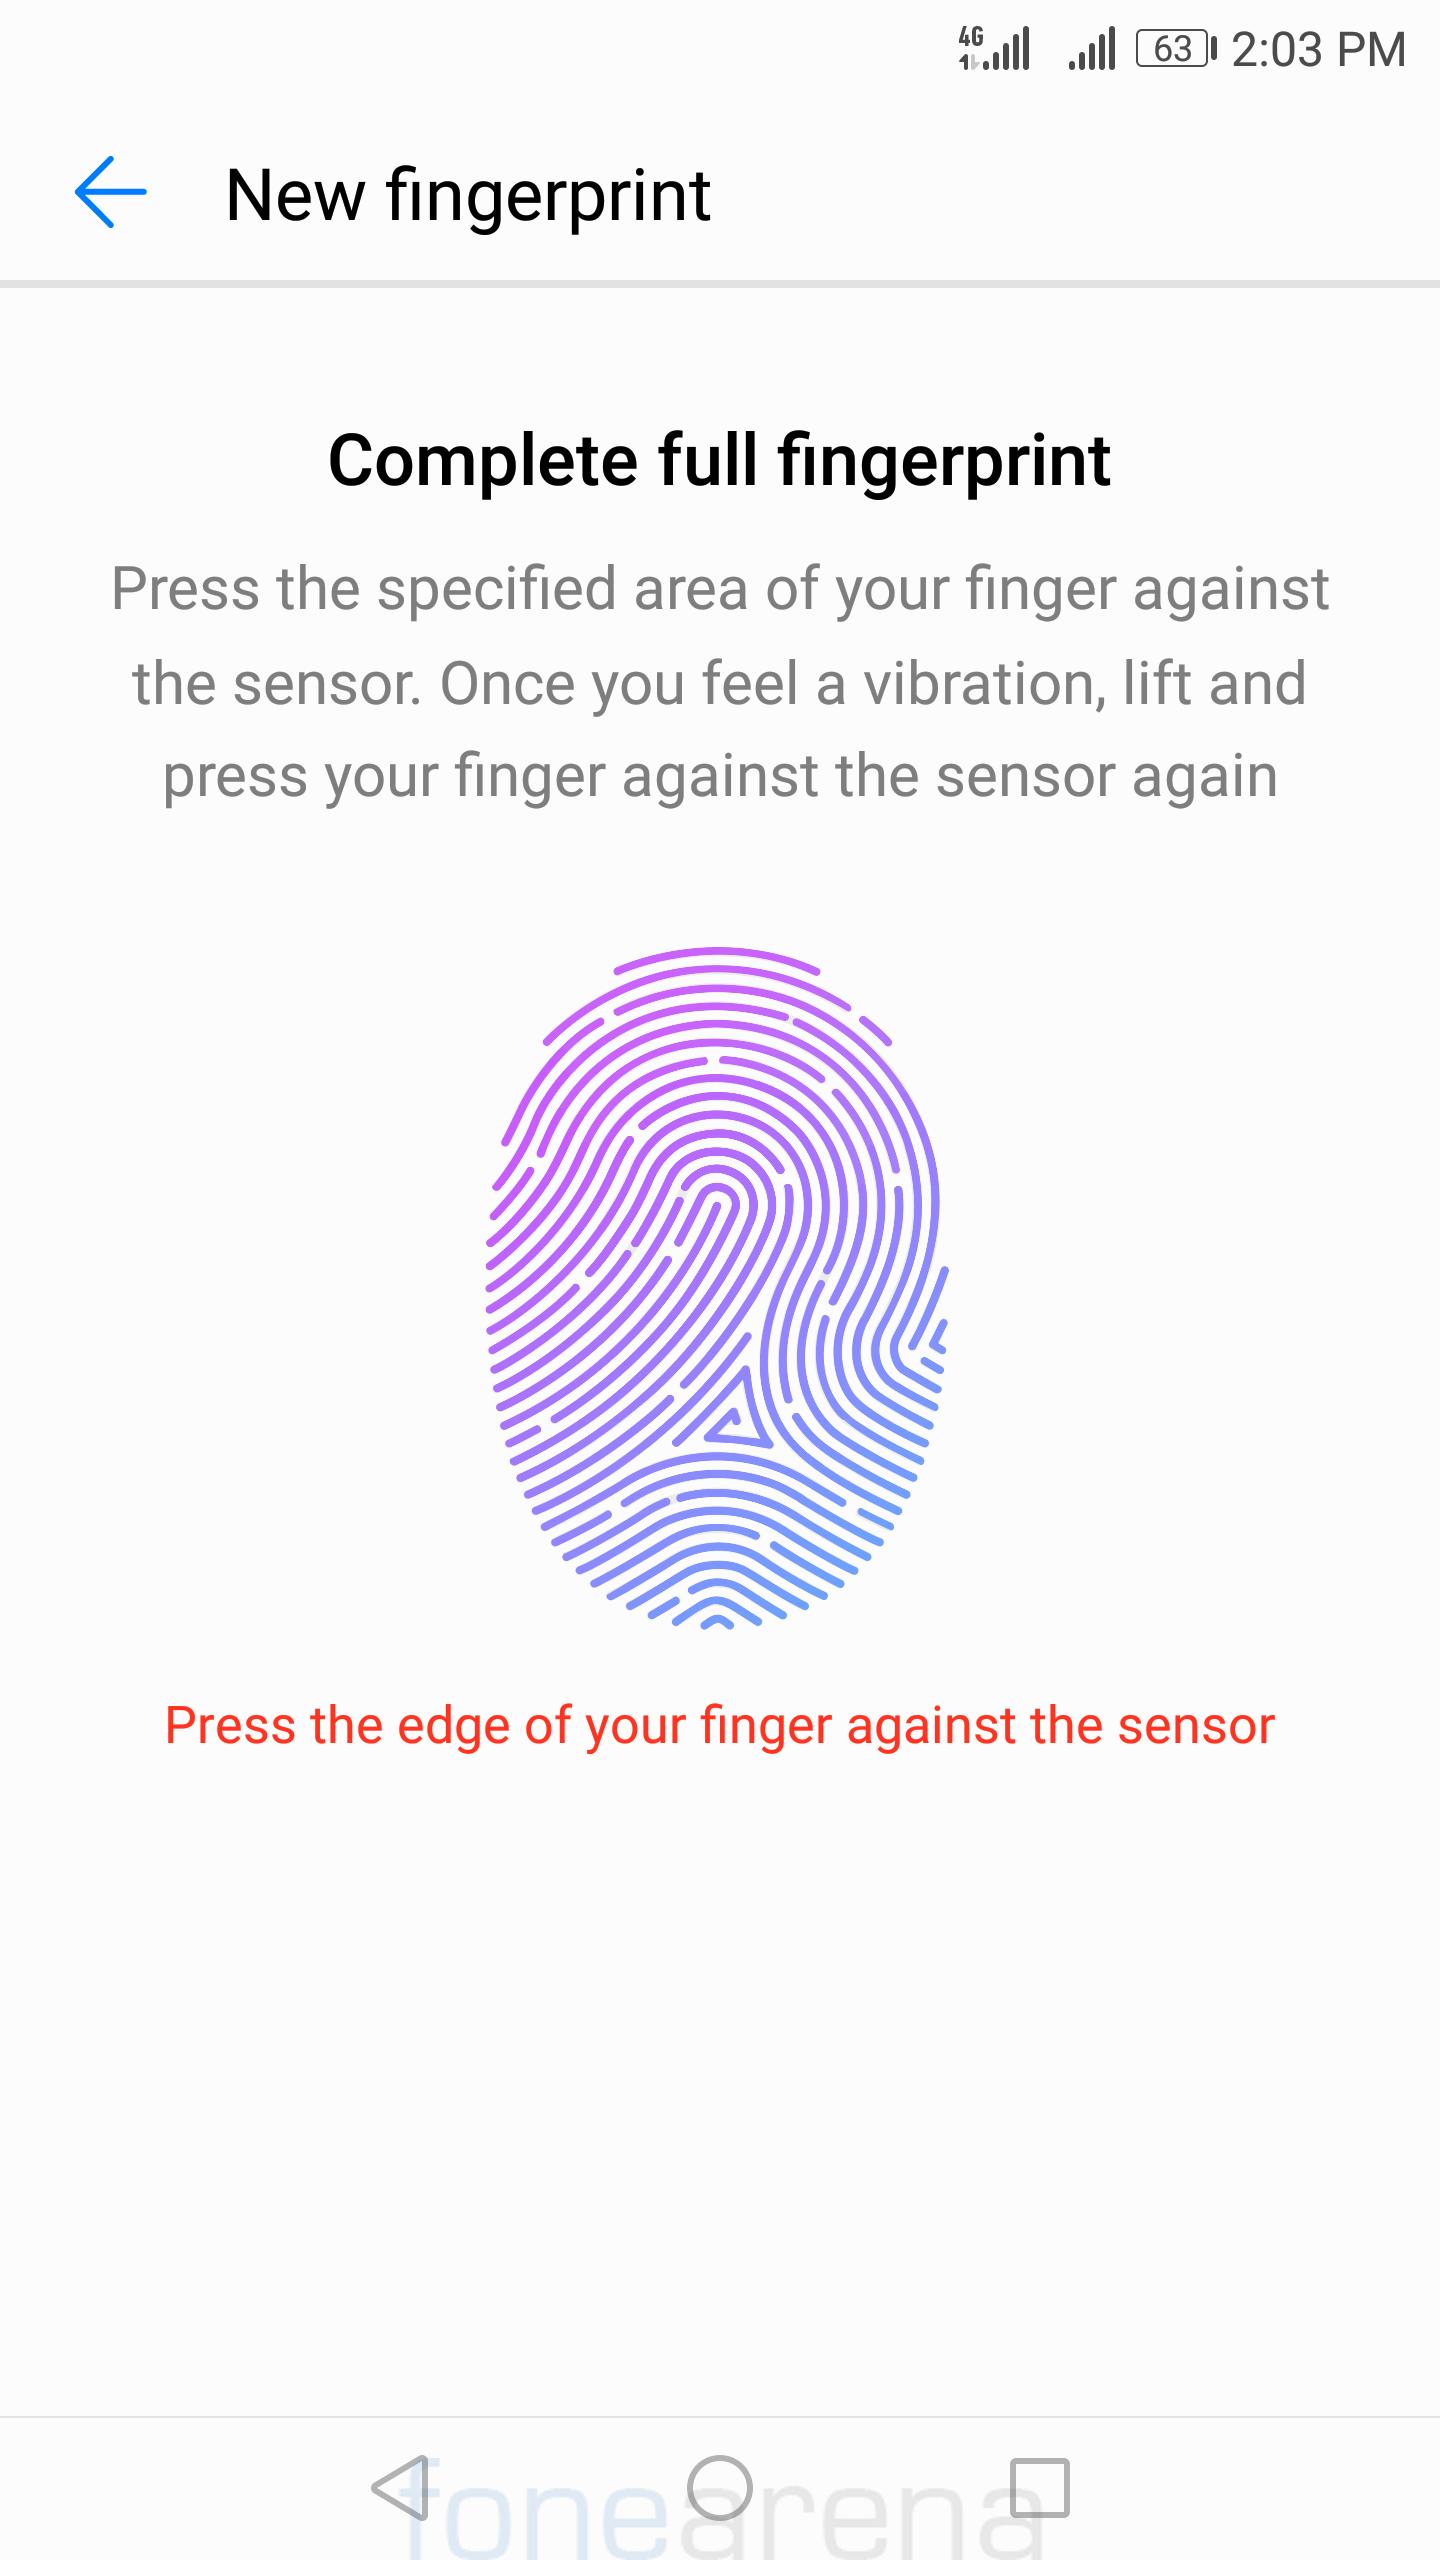 Honor 8 Pro Screenshots_fonearena-5